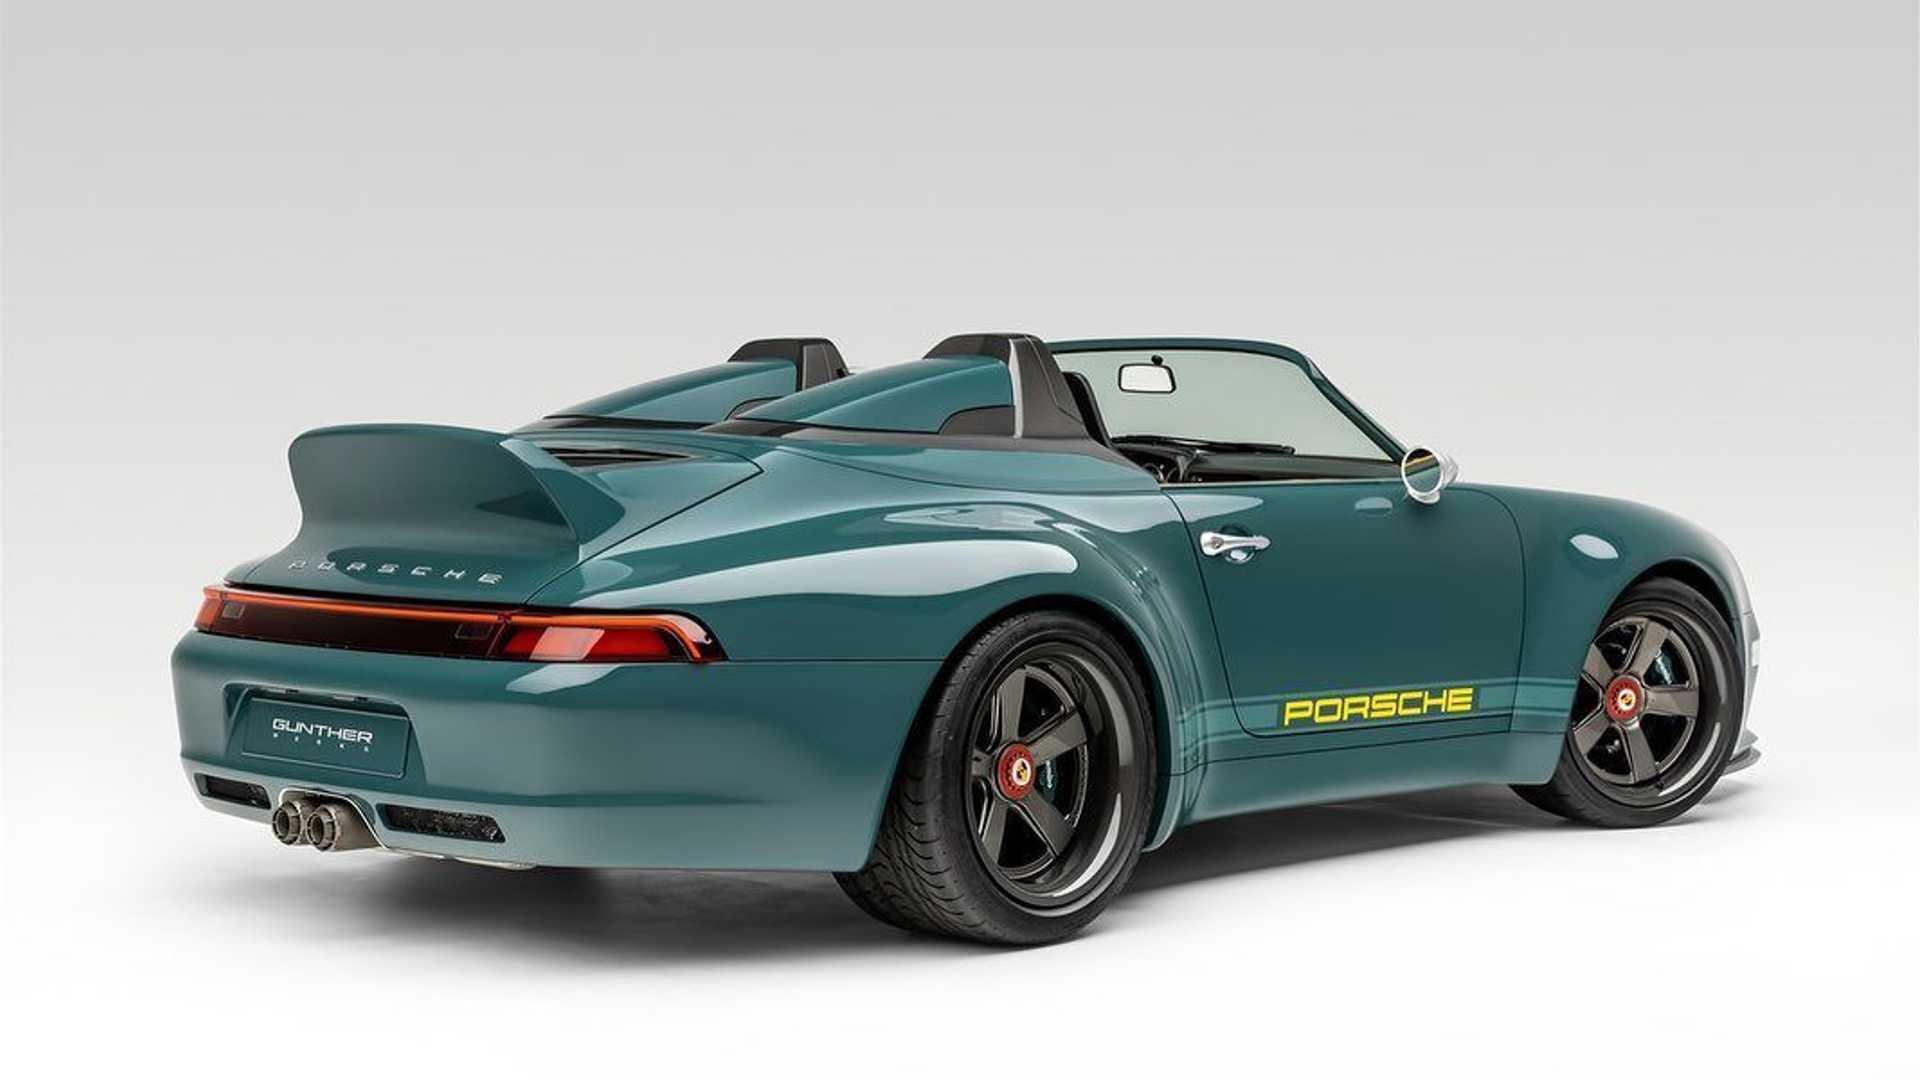 Porsche-911-993-Speedster-Remastered-by-Gunther-Werks-2